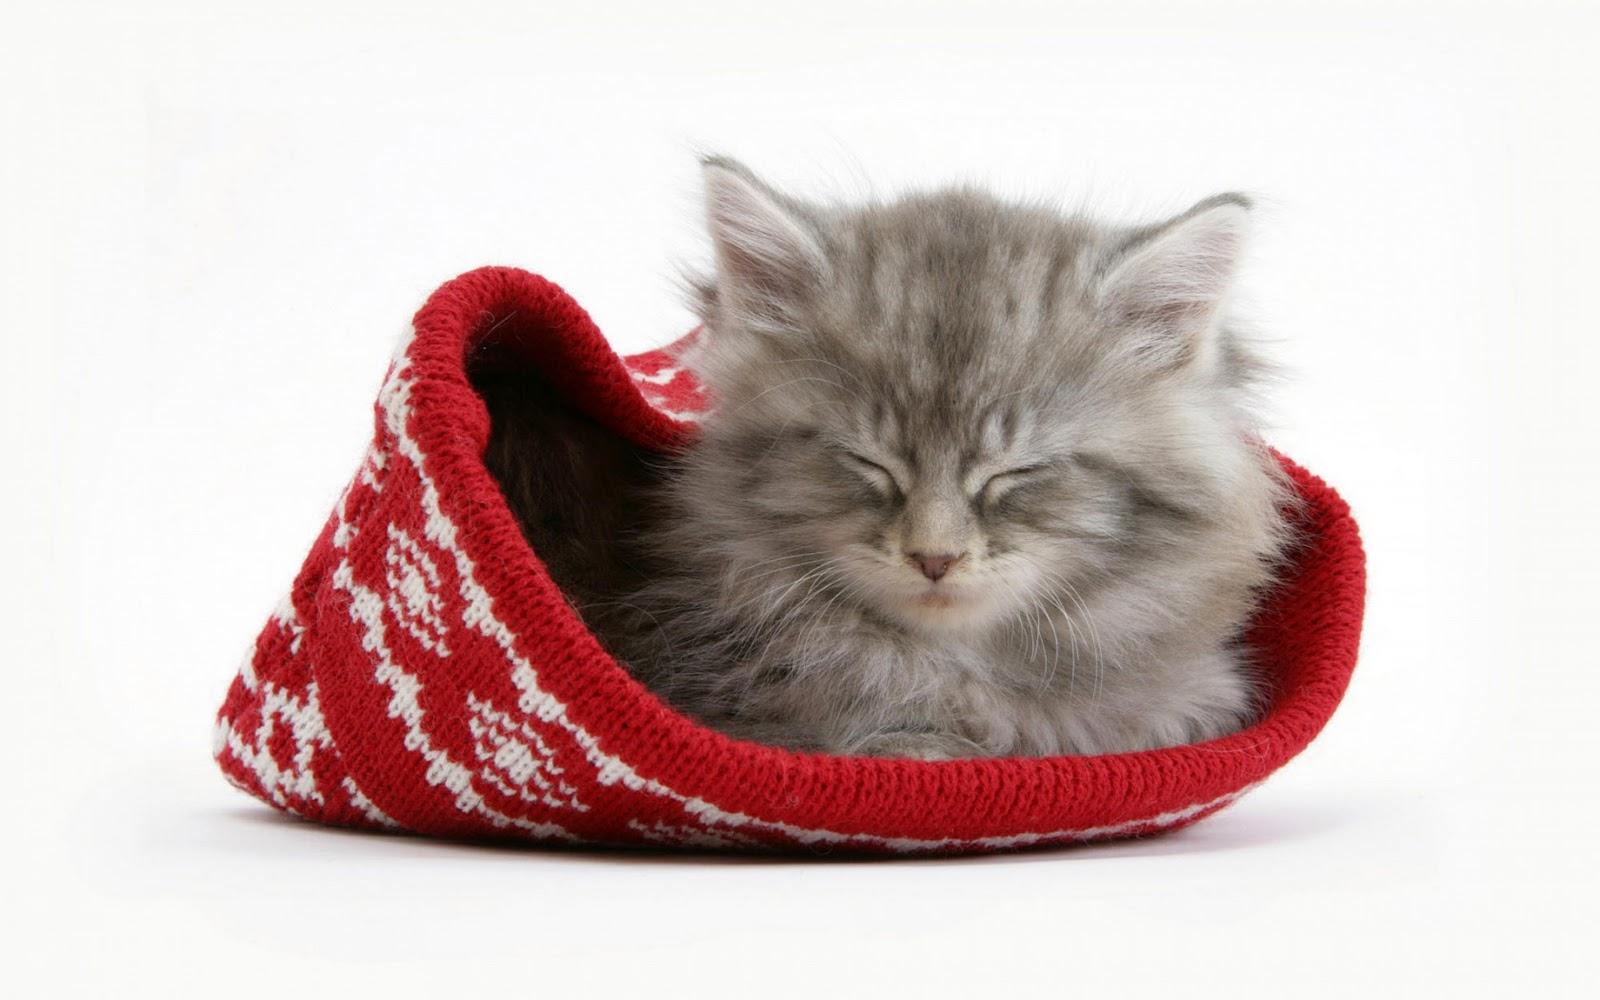 http://4.bp.blogspot.com/-OlIruYqLBcY/TwwYgaqOV2I/AAAAAAAABRQ/JCexmdAgVEE/s1600/cute+cat+wallpaper%250A5.jpg